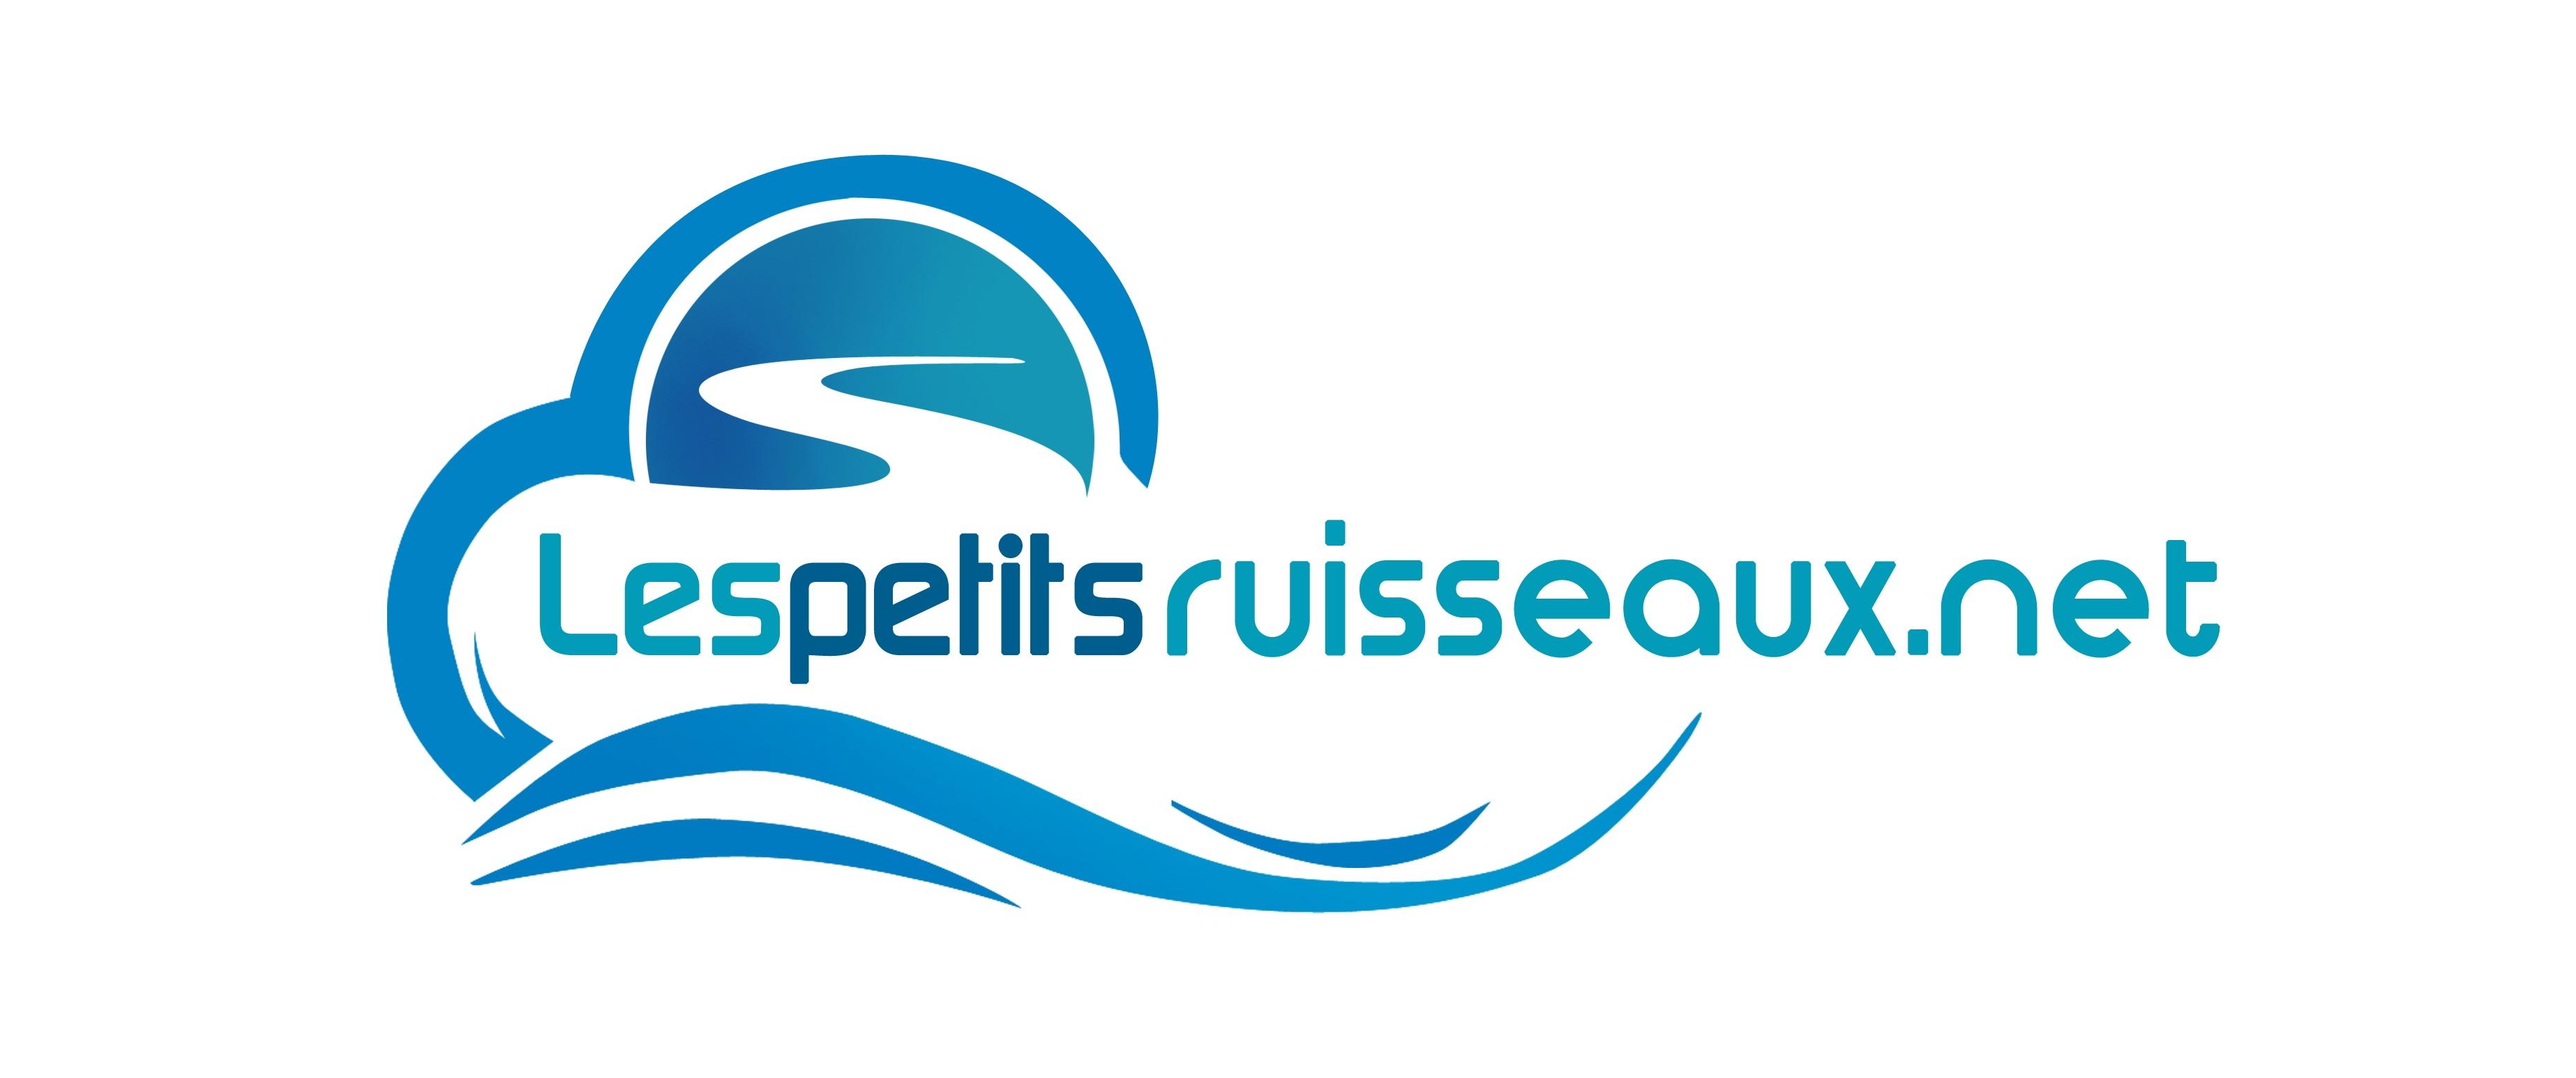 Lespetitsruisseaux.net Logo